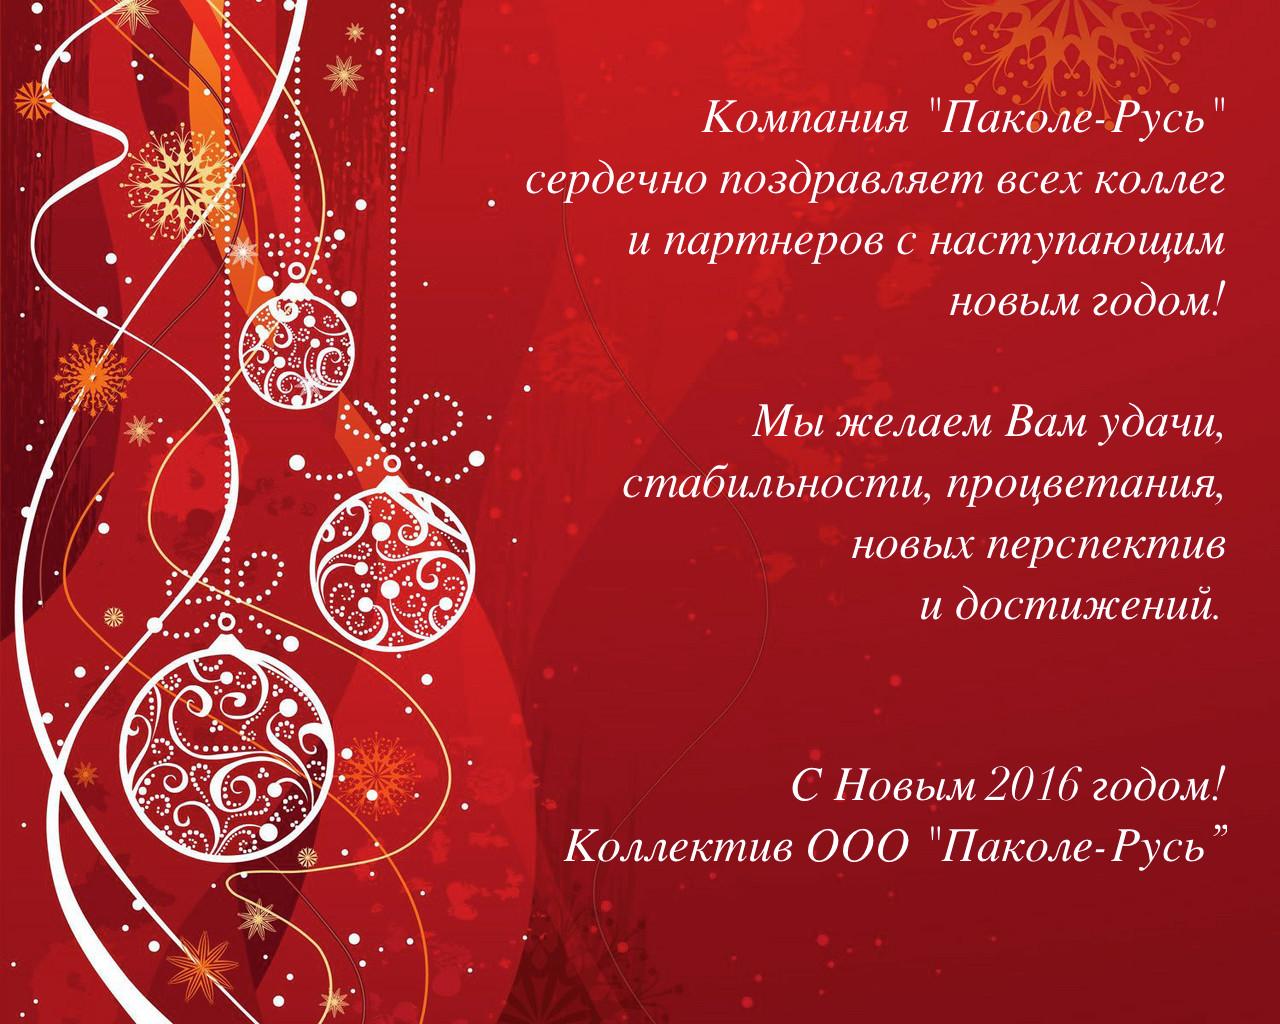 Новогодние поздравления от компании